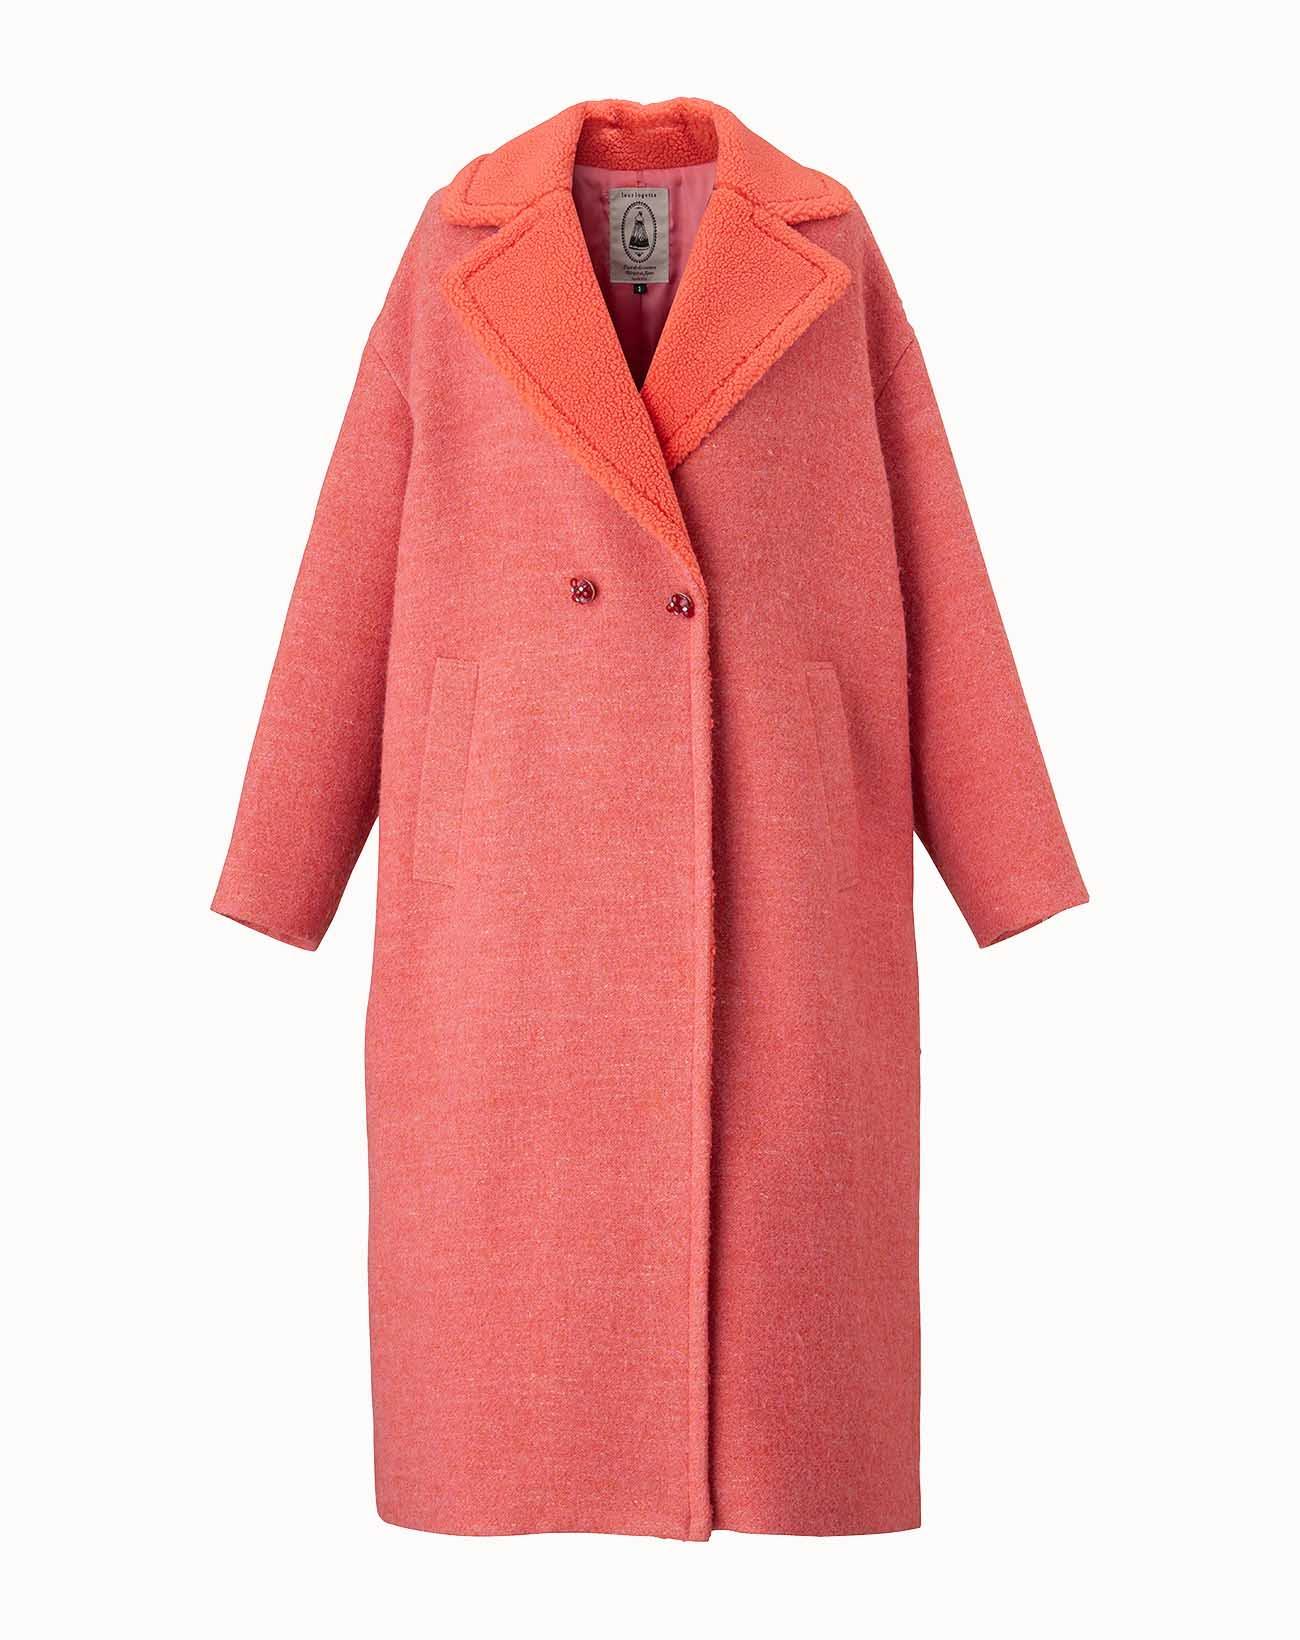 leur logette - Camile Wool Coat - Pink